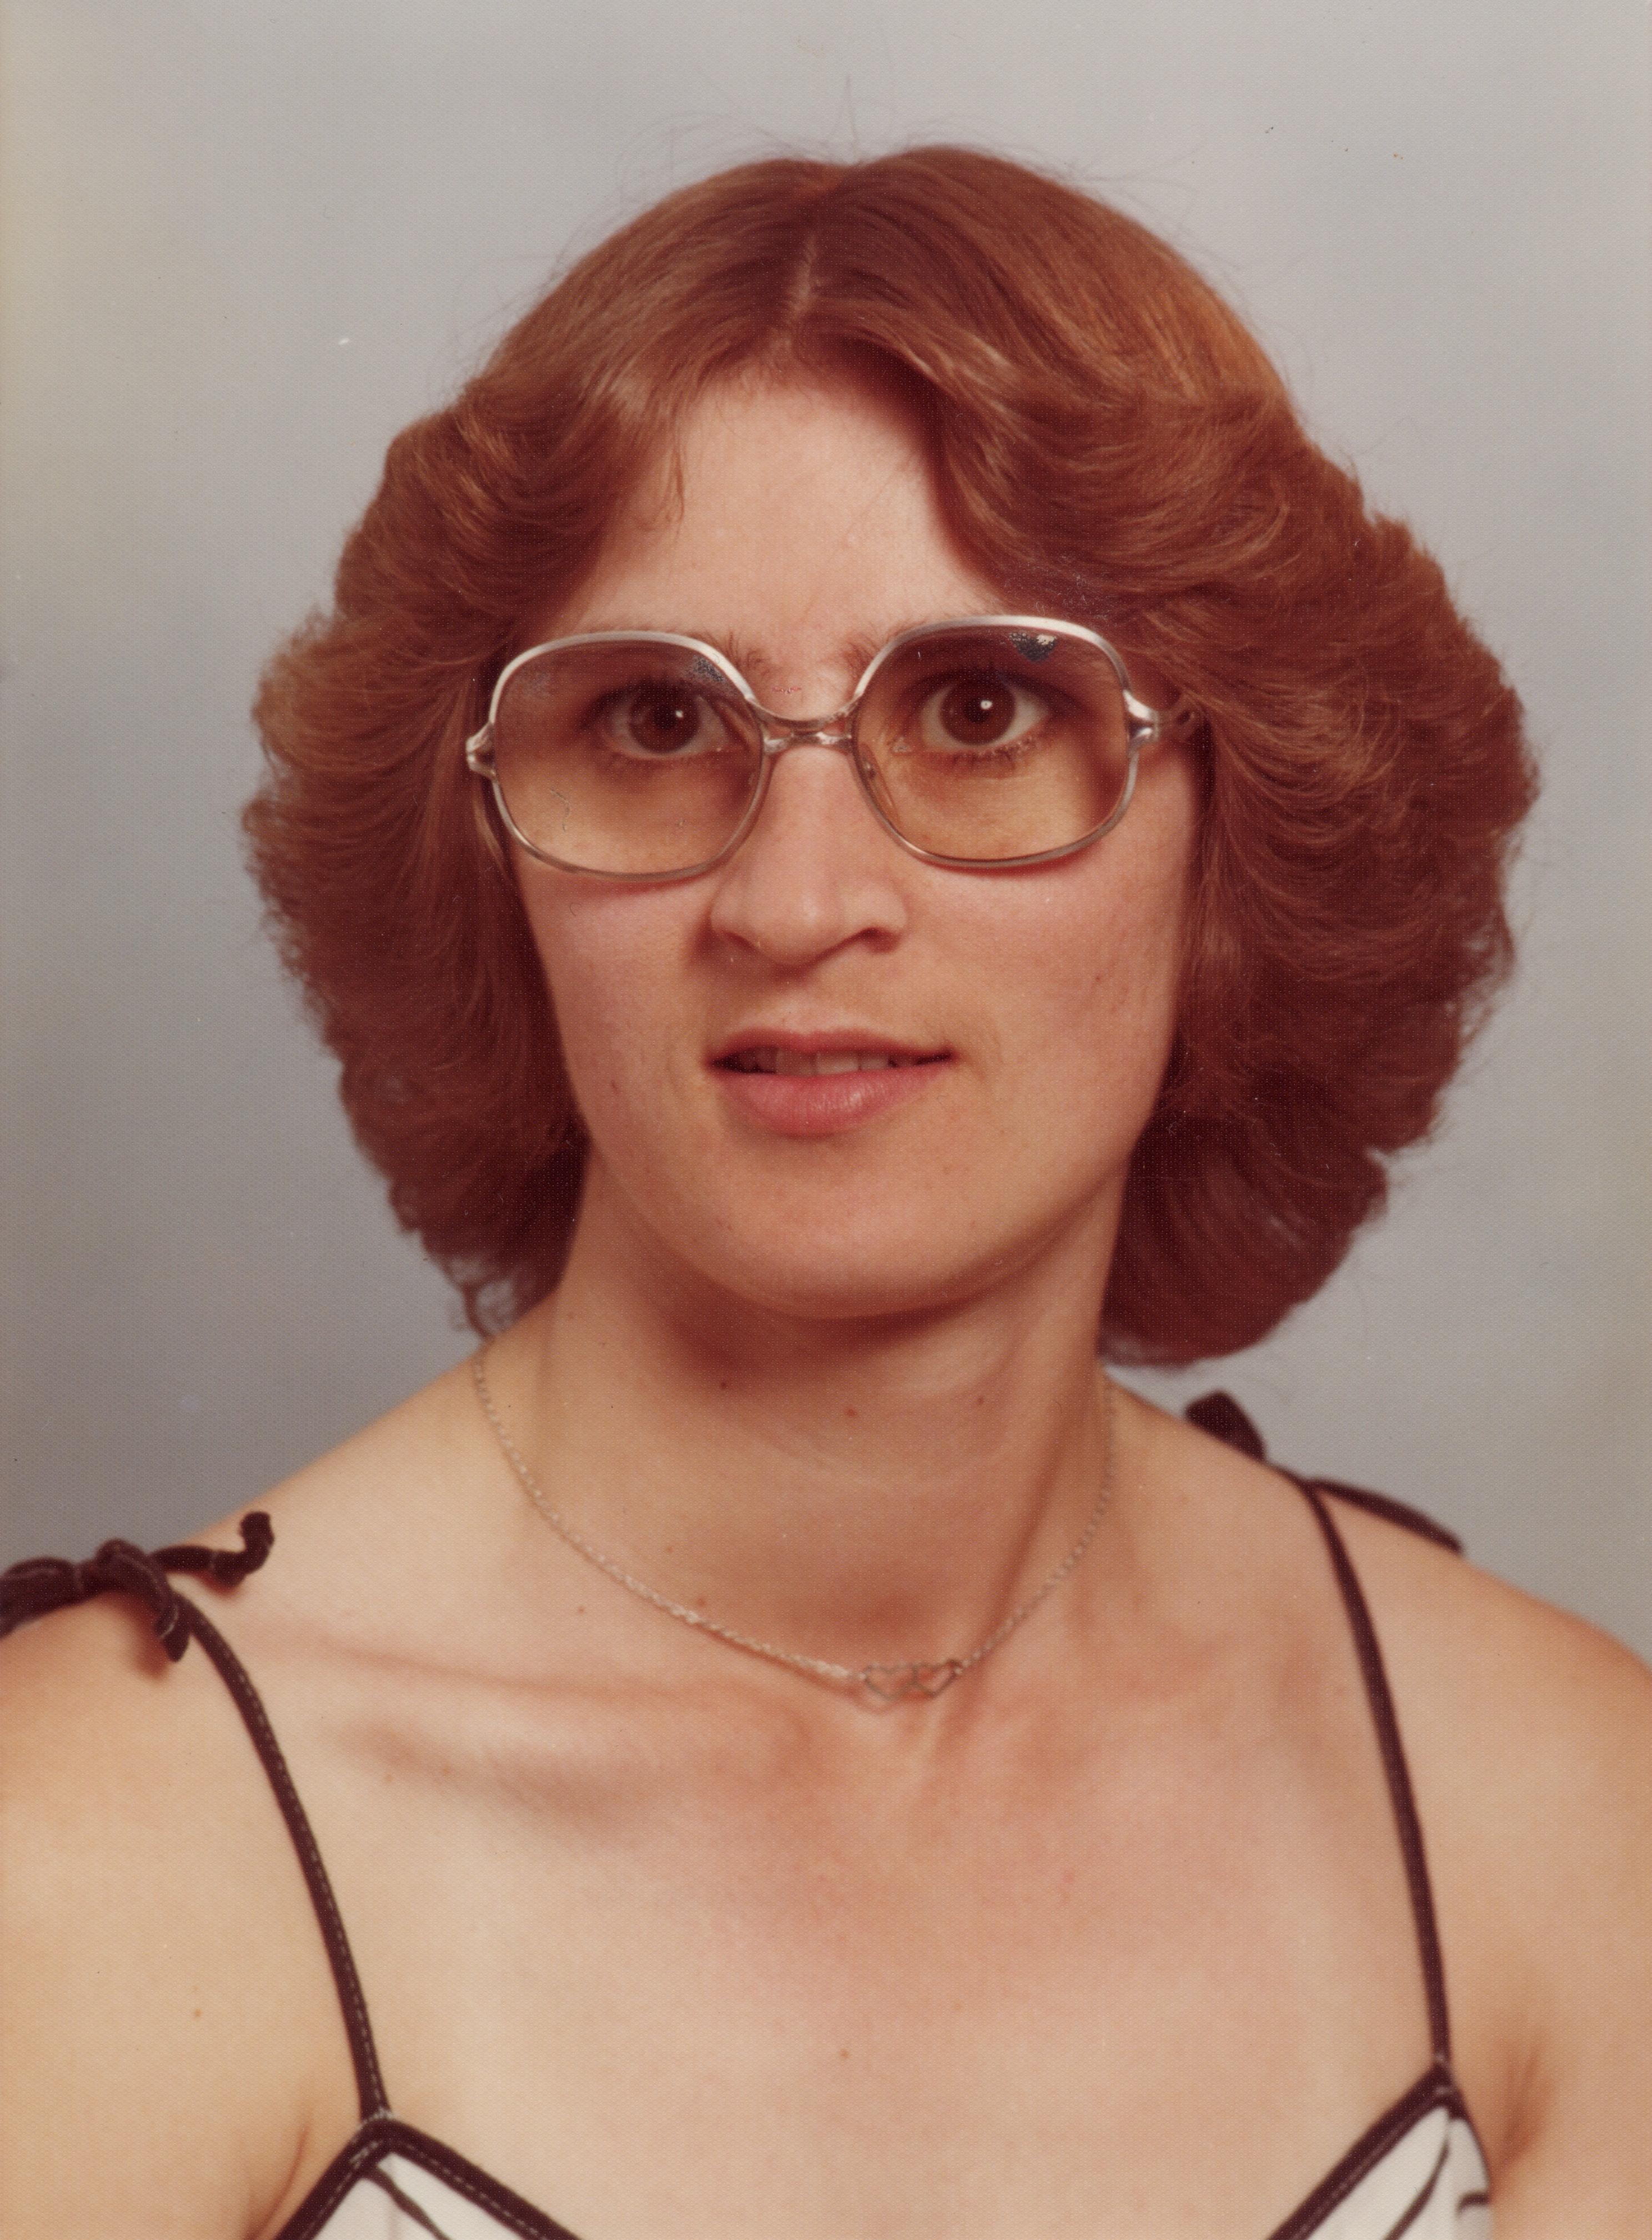 úžasný dáma zrzavé vlasy